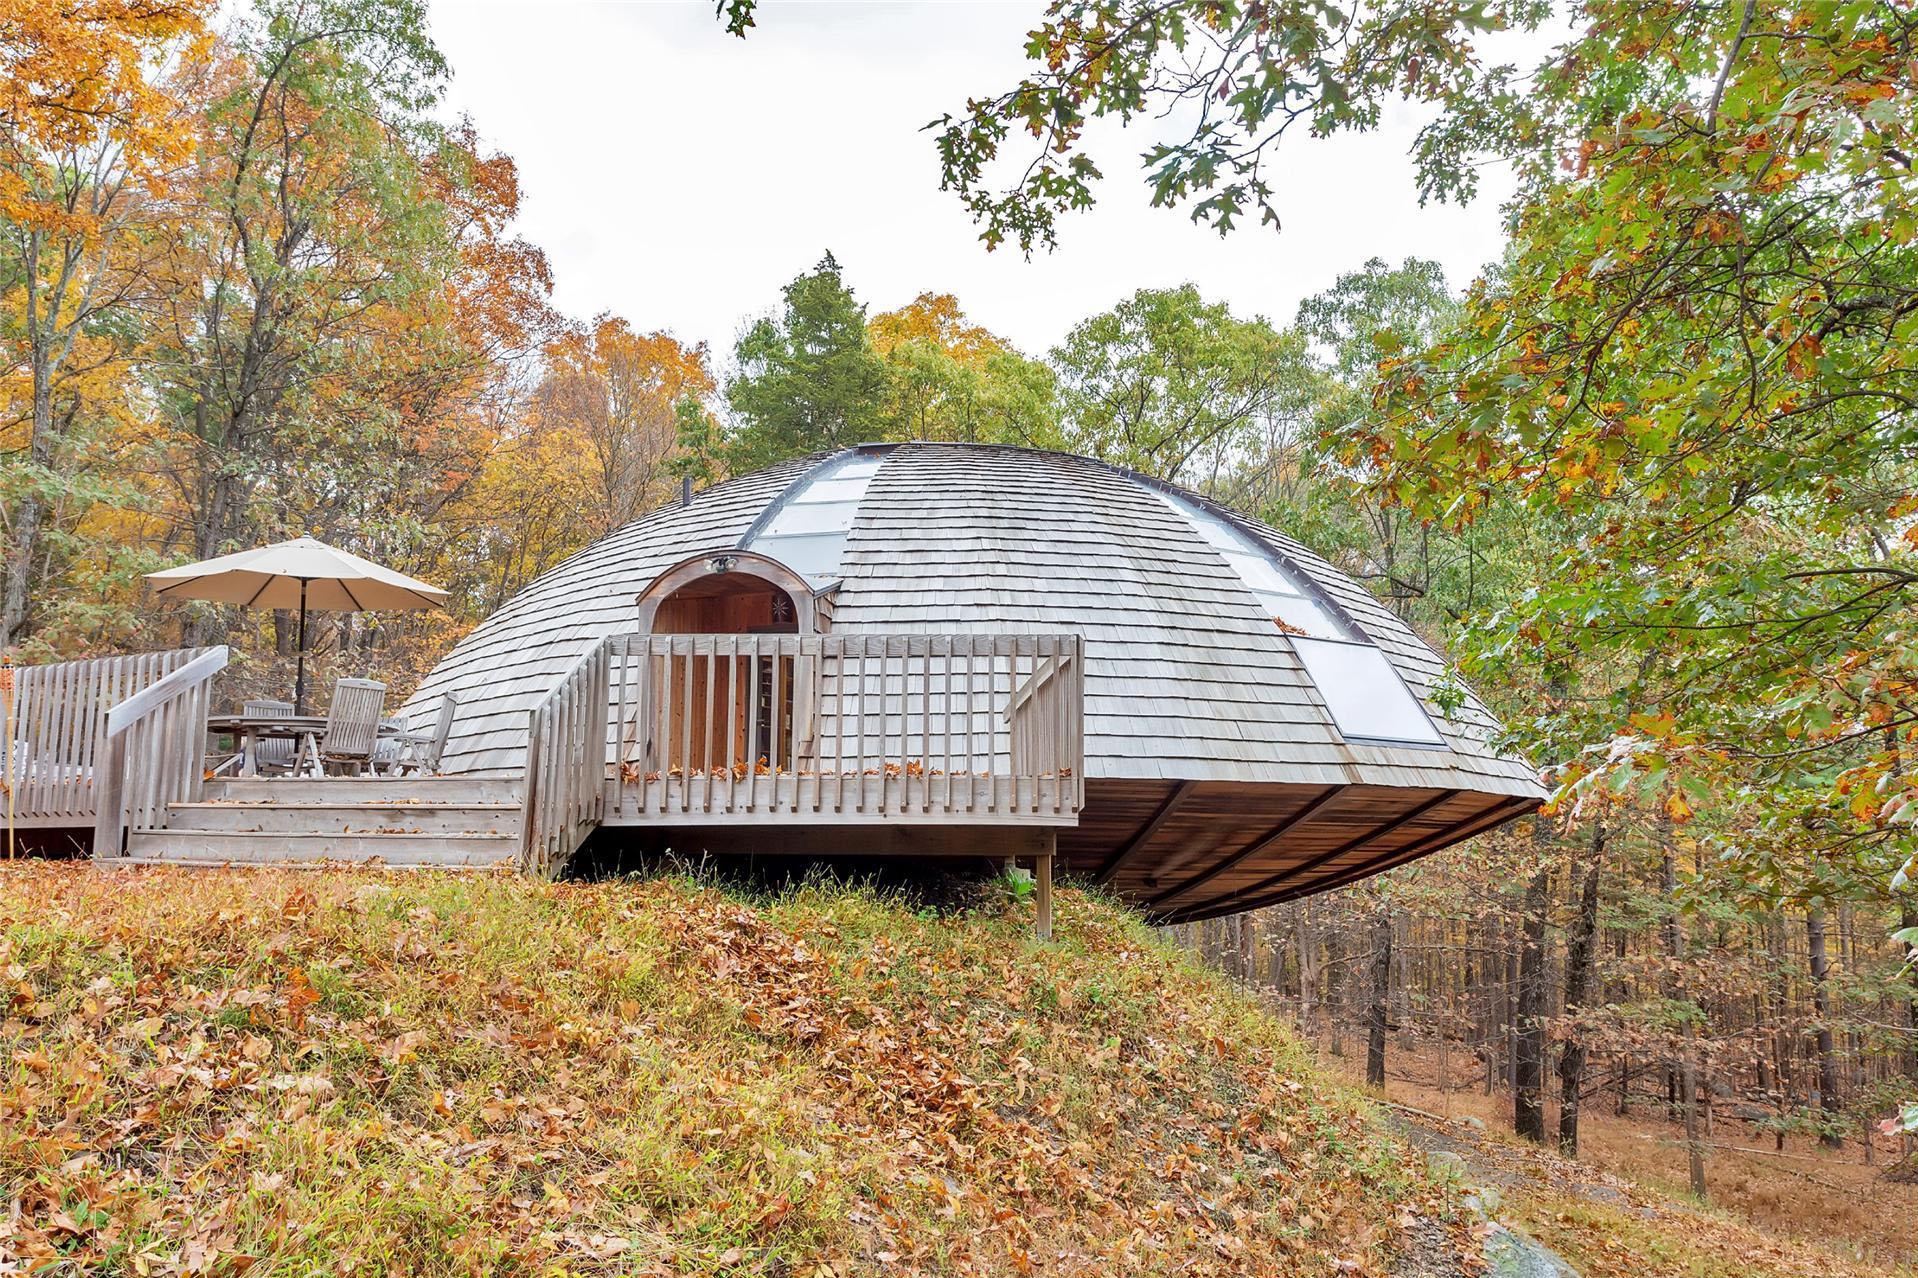 Casa ecológica en EEUU